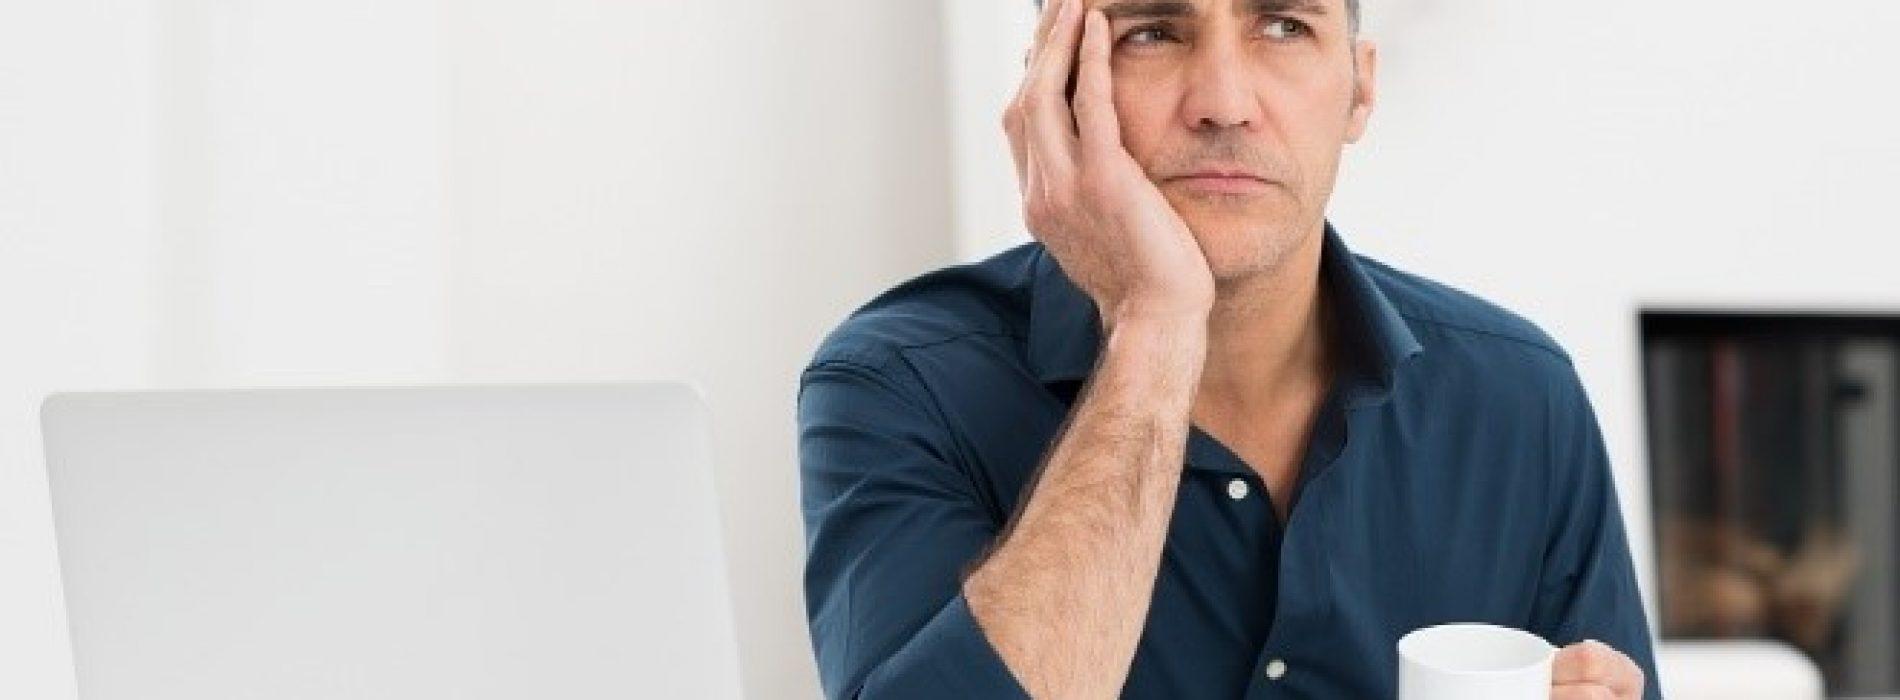 Co to jest padaczka? Napady padaczkowe – Objawy, diagnostyka i leczenie.